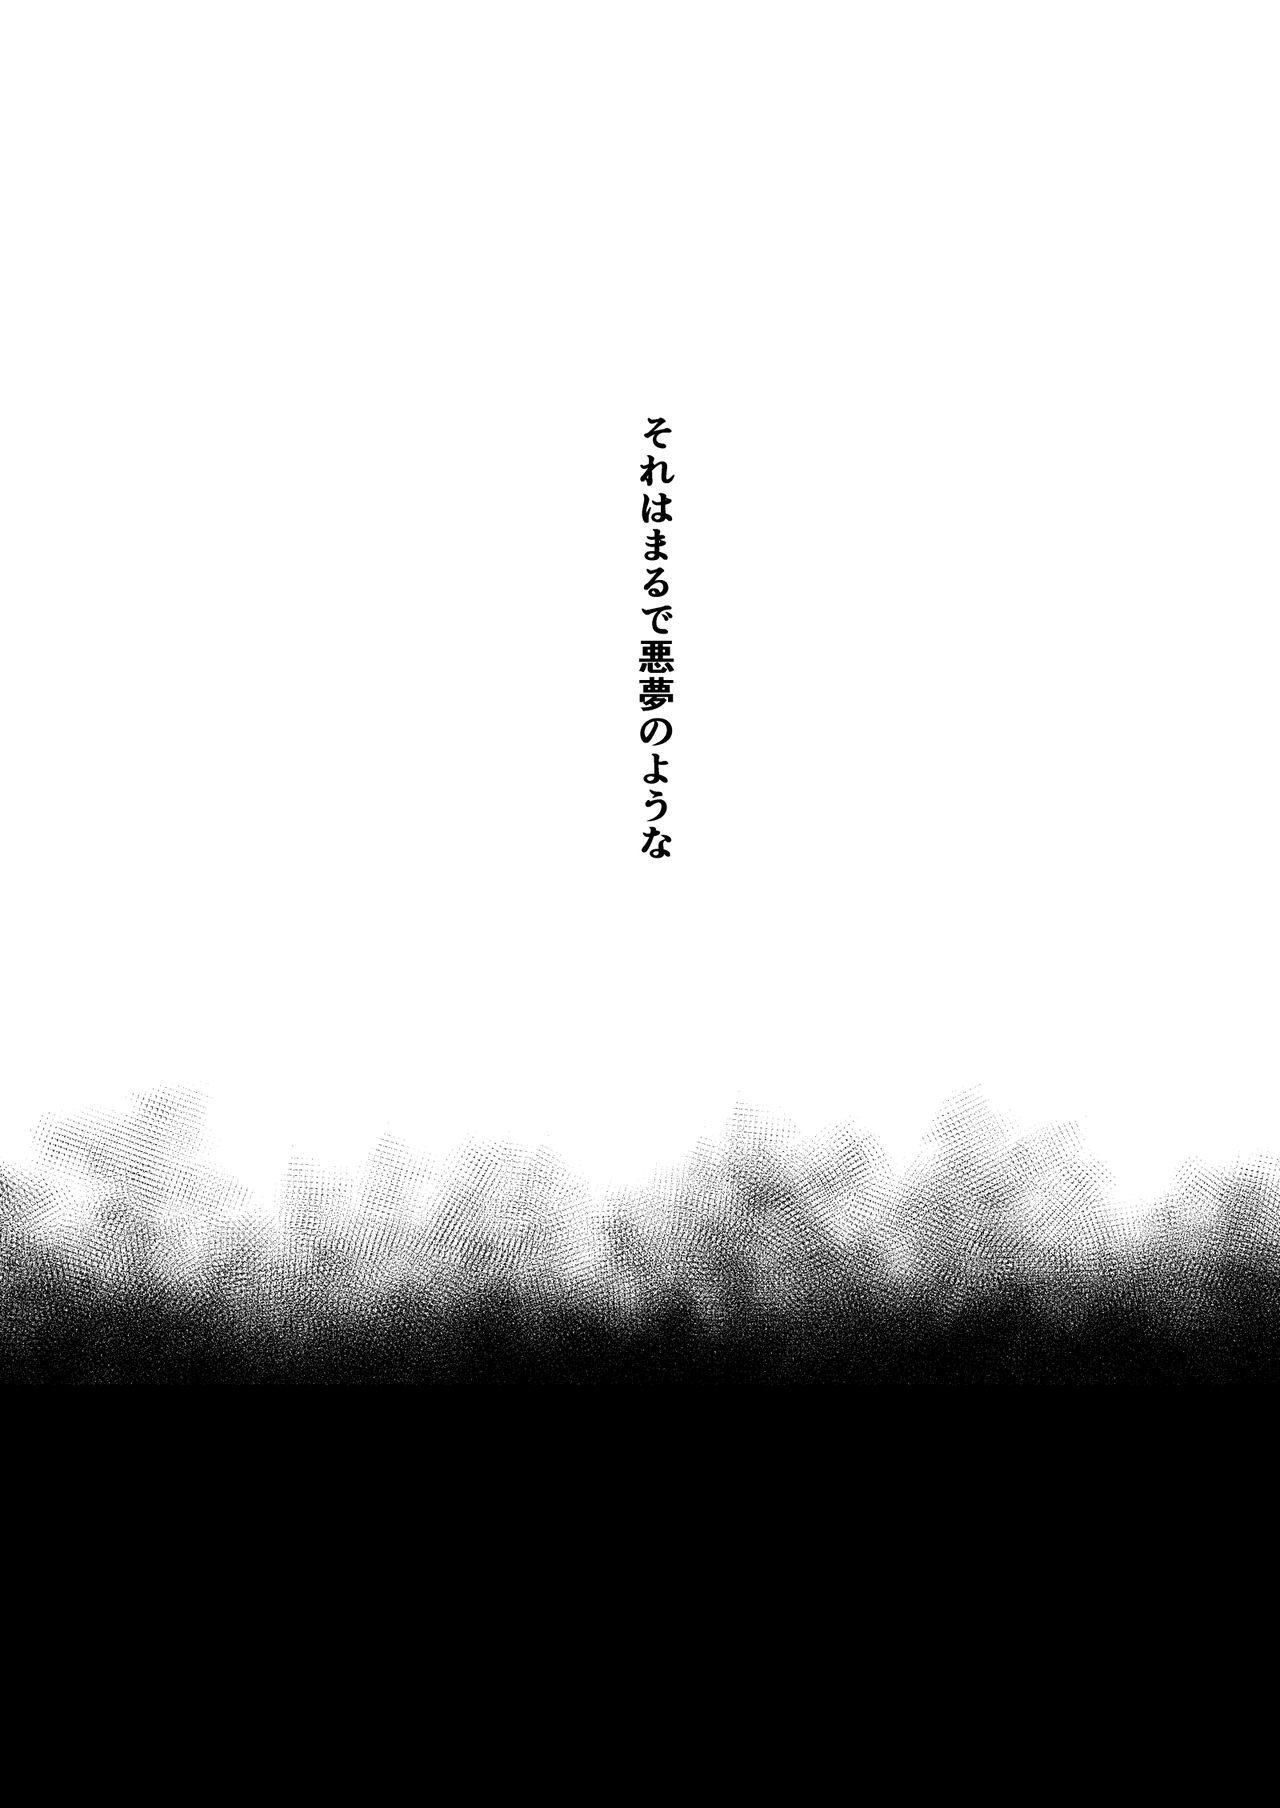 [Nengaranenjuu] Kono Ai wa Yamai ni Nite iru (Bangaihen) Shitsuke no Kura [Digital] 22